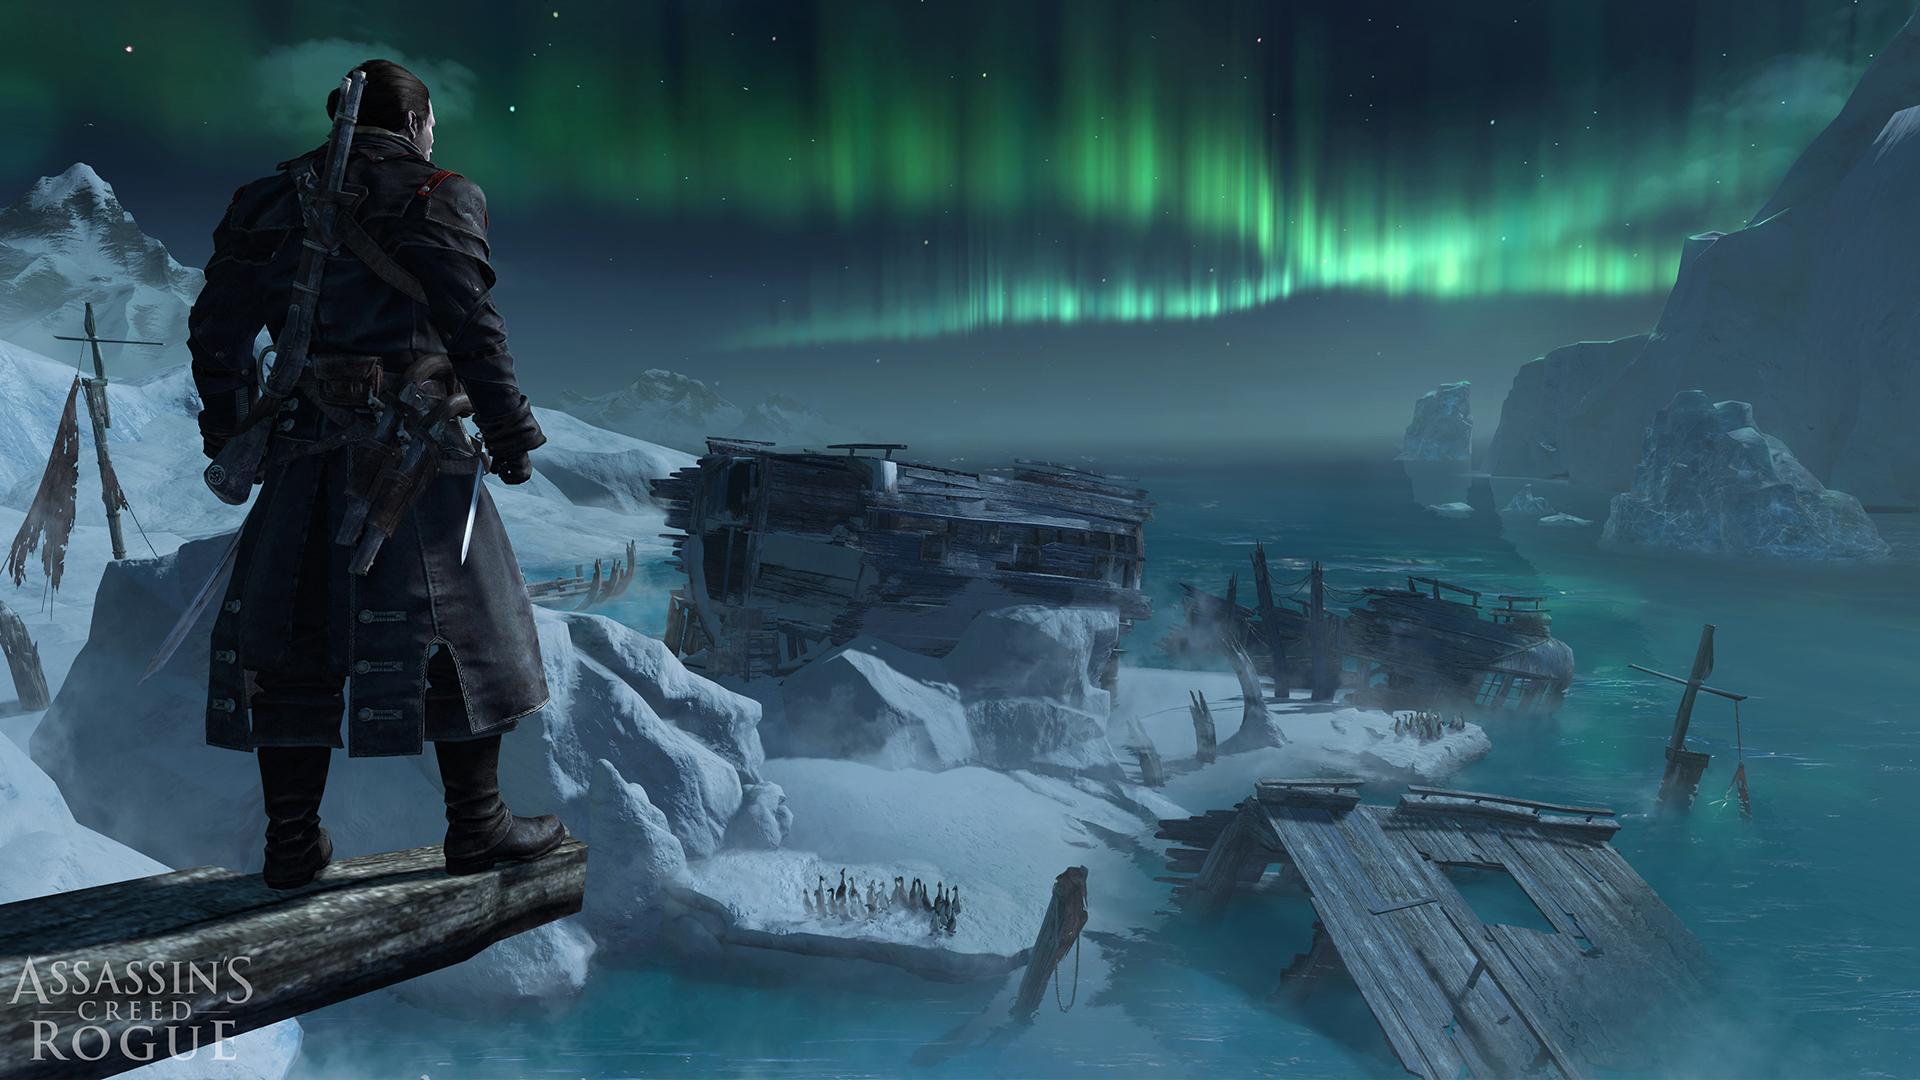 Avance de Assassin's Creed Rogue 1